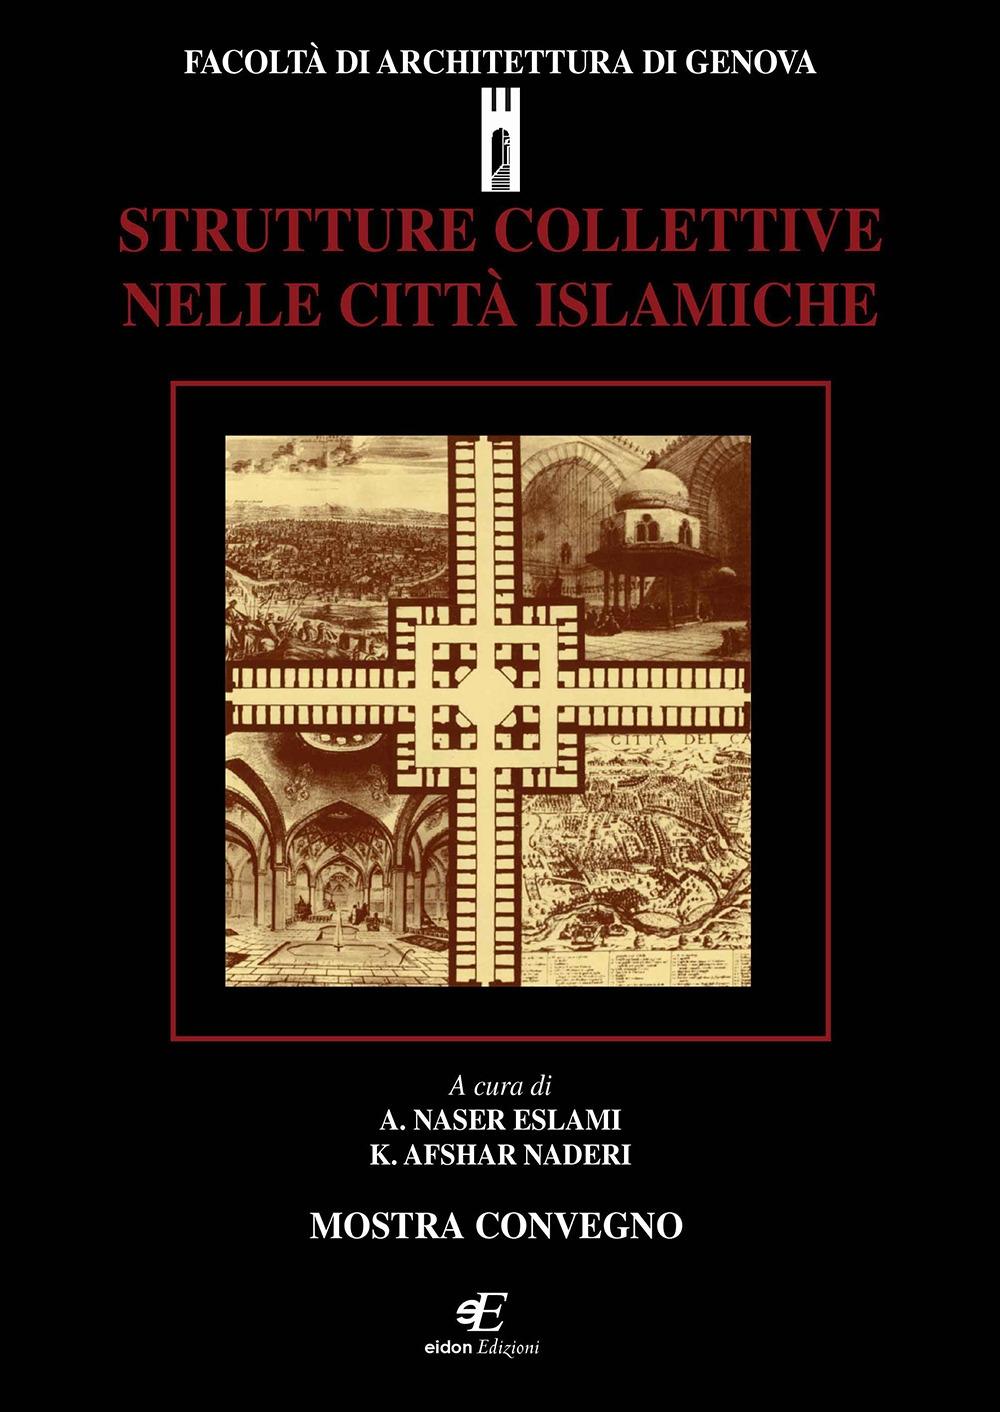 Strutture collettive nelle città islamiche